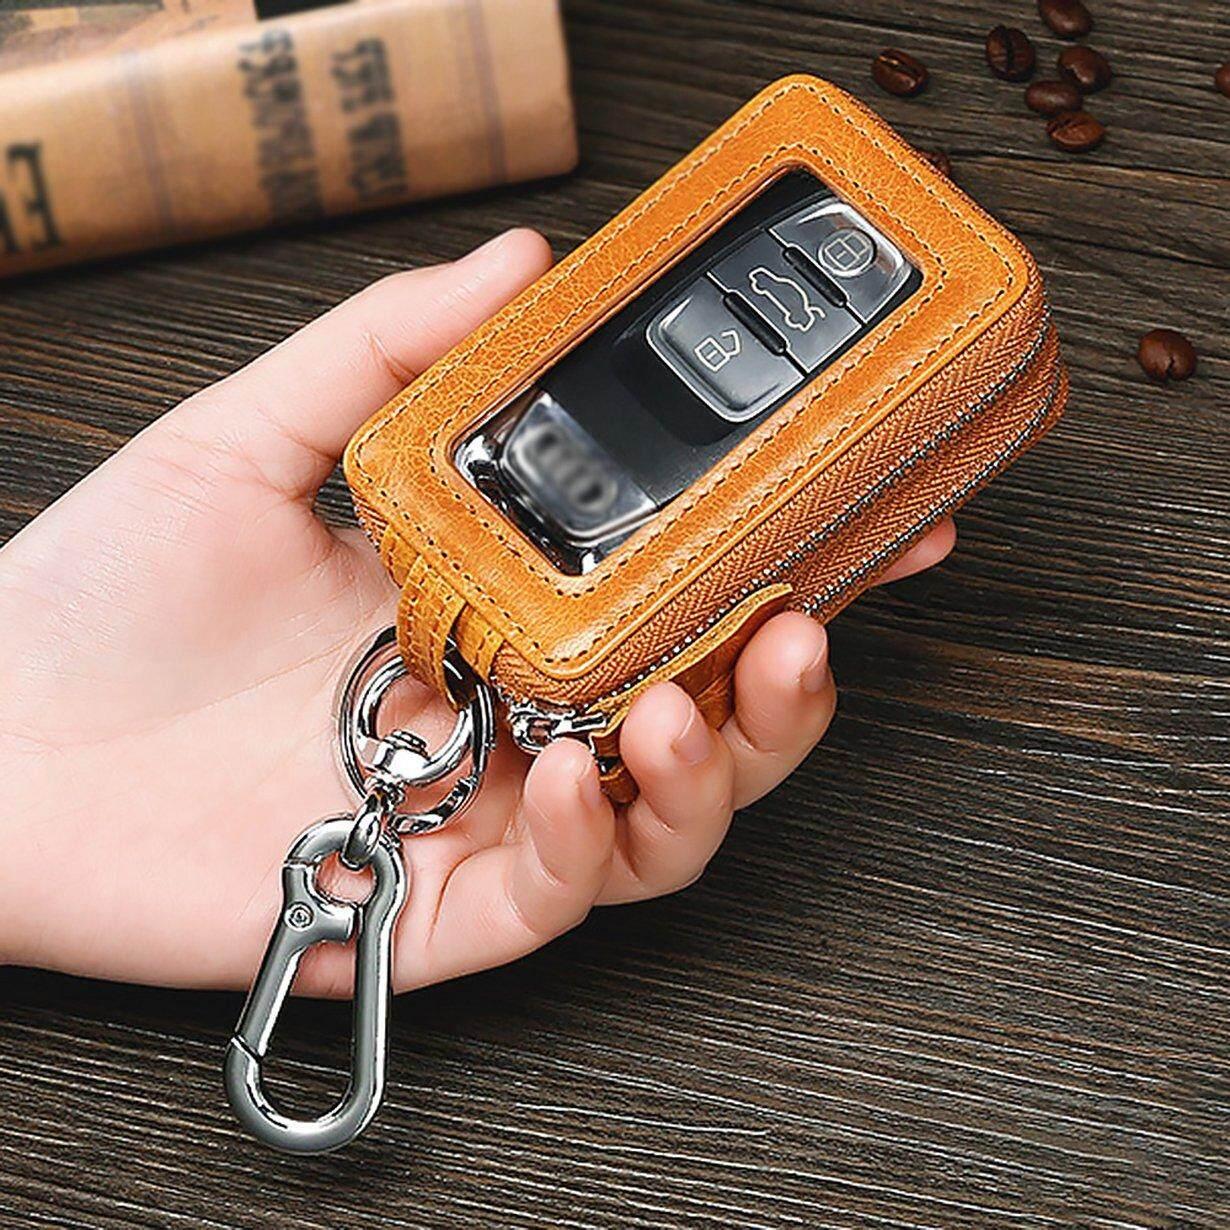 ของแท้ลดราคาสุดๆหนังพวงกุญแจรถแม่บ้านกุญแจซิปคู่กรณีกระเป๋าใส่กุญแจ.